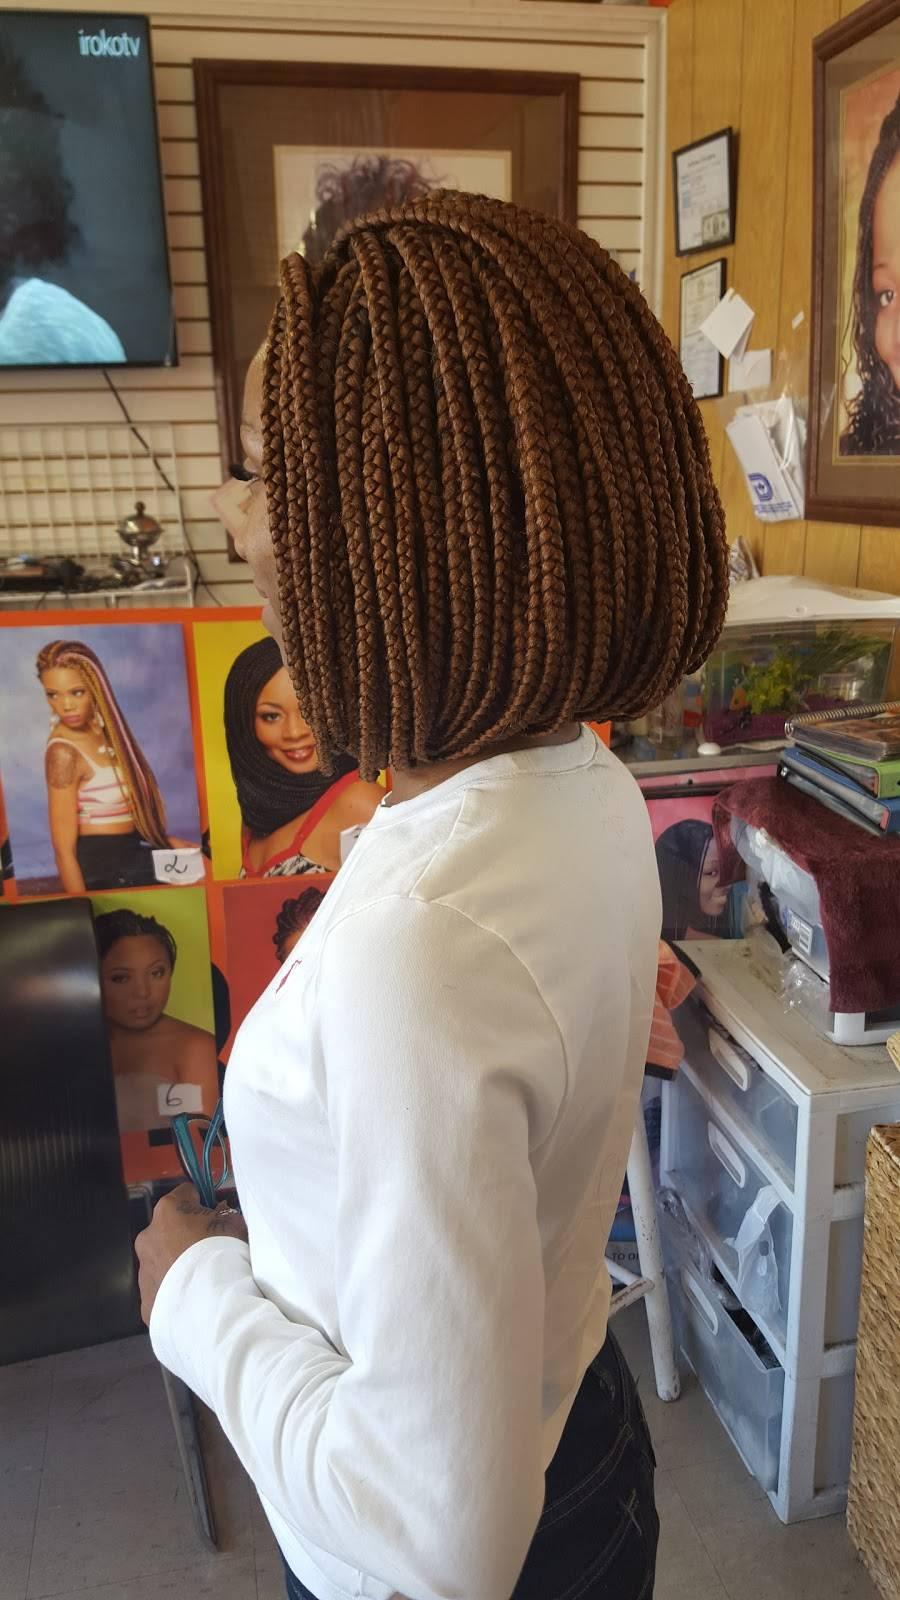 Taslim African Hair Braiding - hair care  | Photo 6 of 10 | Address: 4515 Village Fair Dr, Dallas, TX 75224, USA | Phone: (214) 371-2002